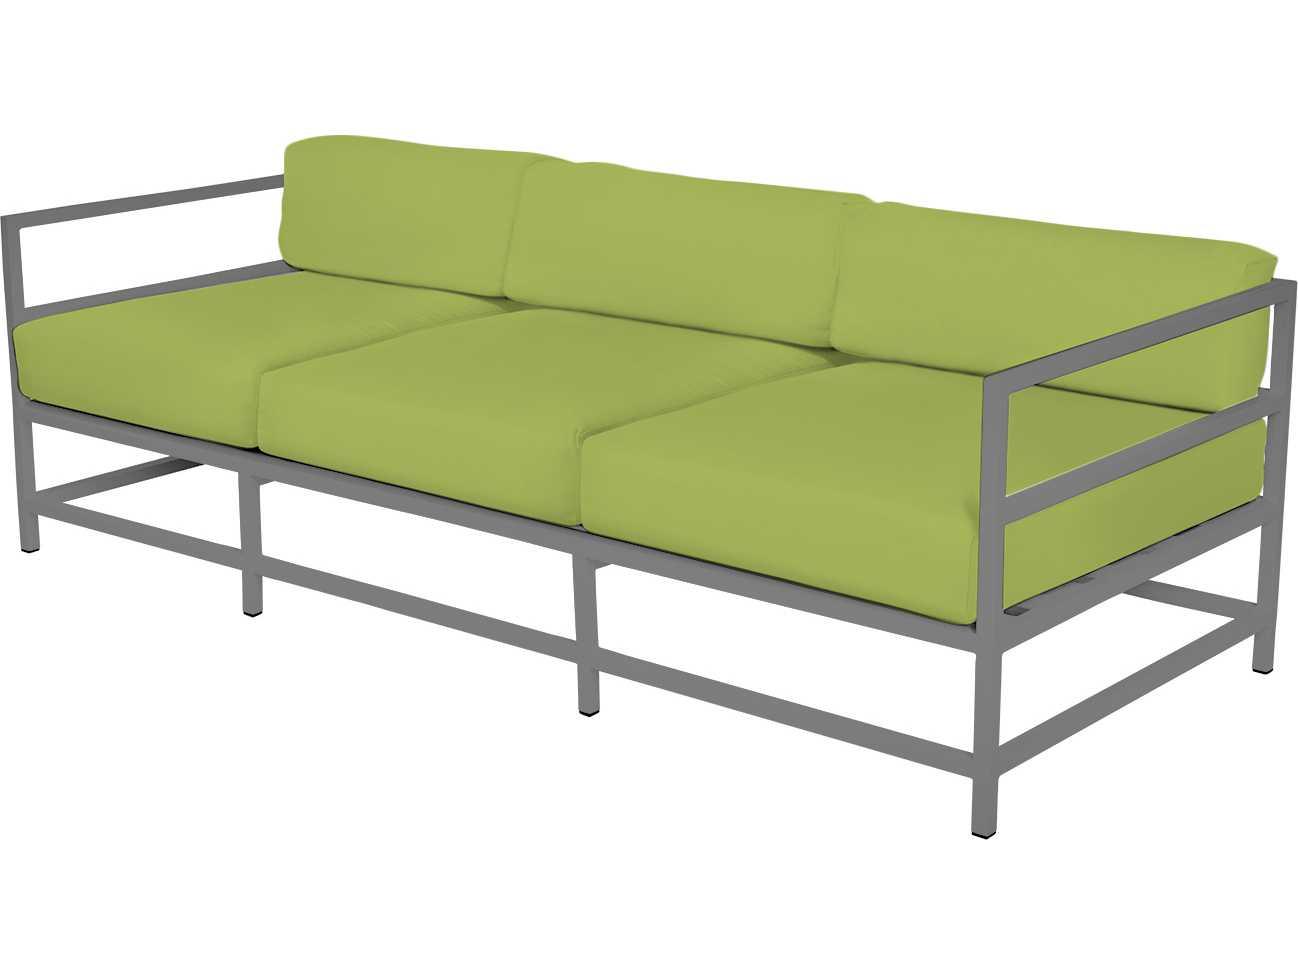 Source outdoor furniture delano aluminum sofa so 3209 103 for Source outdoor furniture